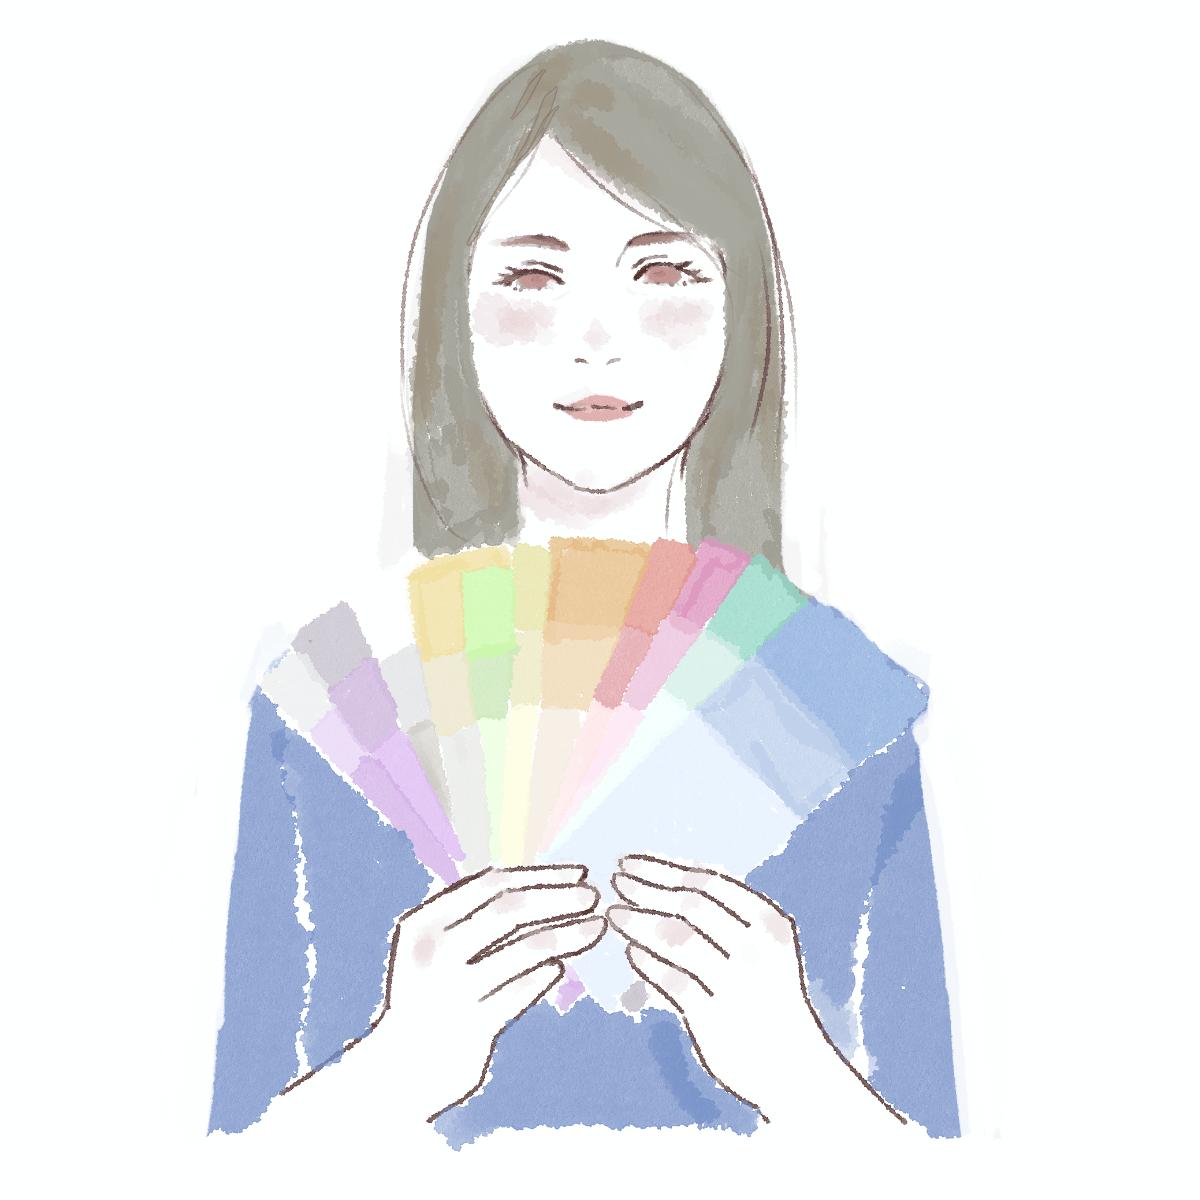 イラスト:カラーサンプルを持った女性